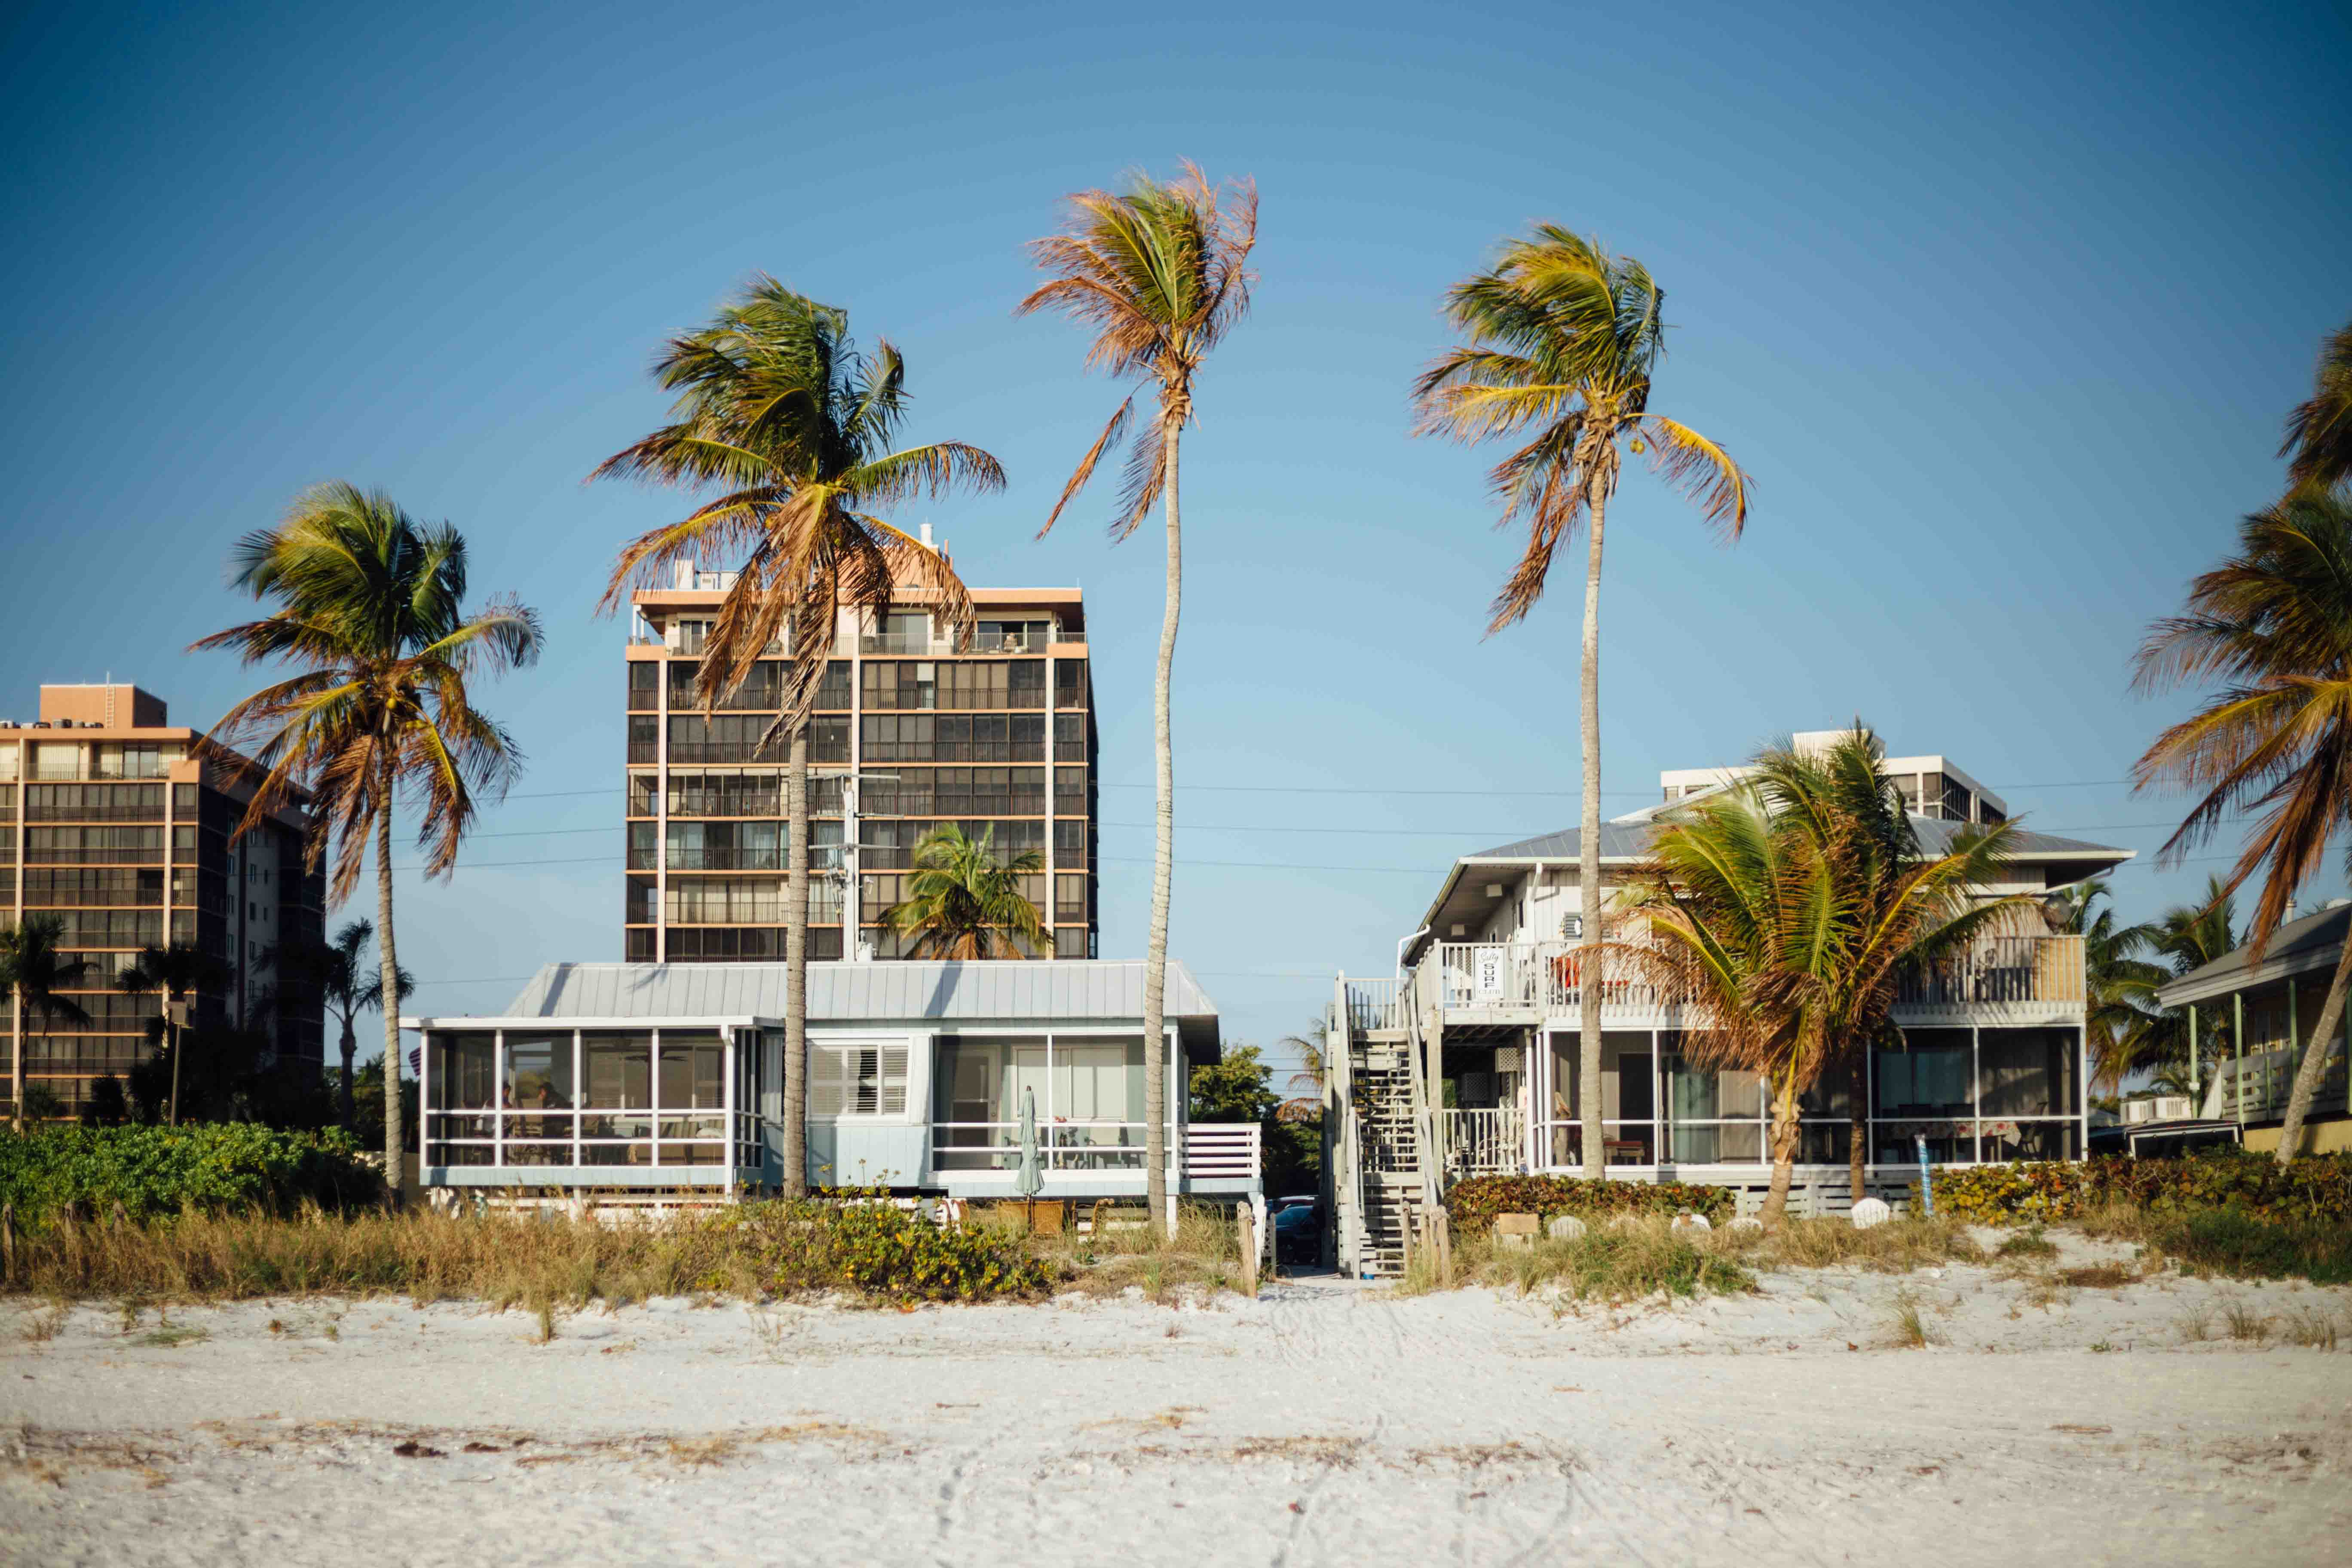 C mo encontrar una casa en renta para vacaciones - Paginas para alquilar apartamentos vacaciones ...